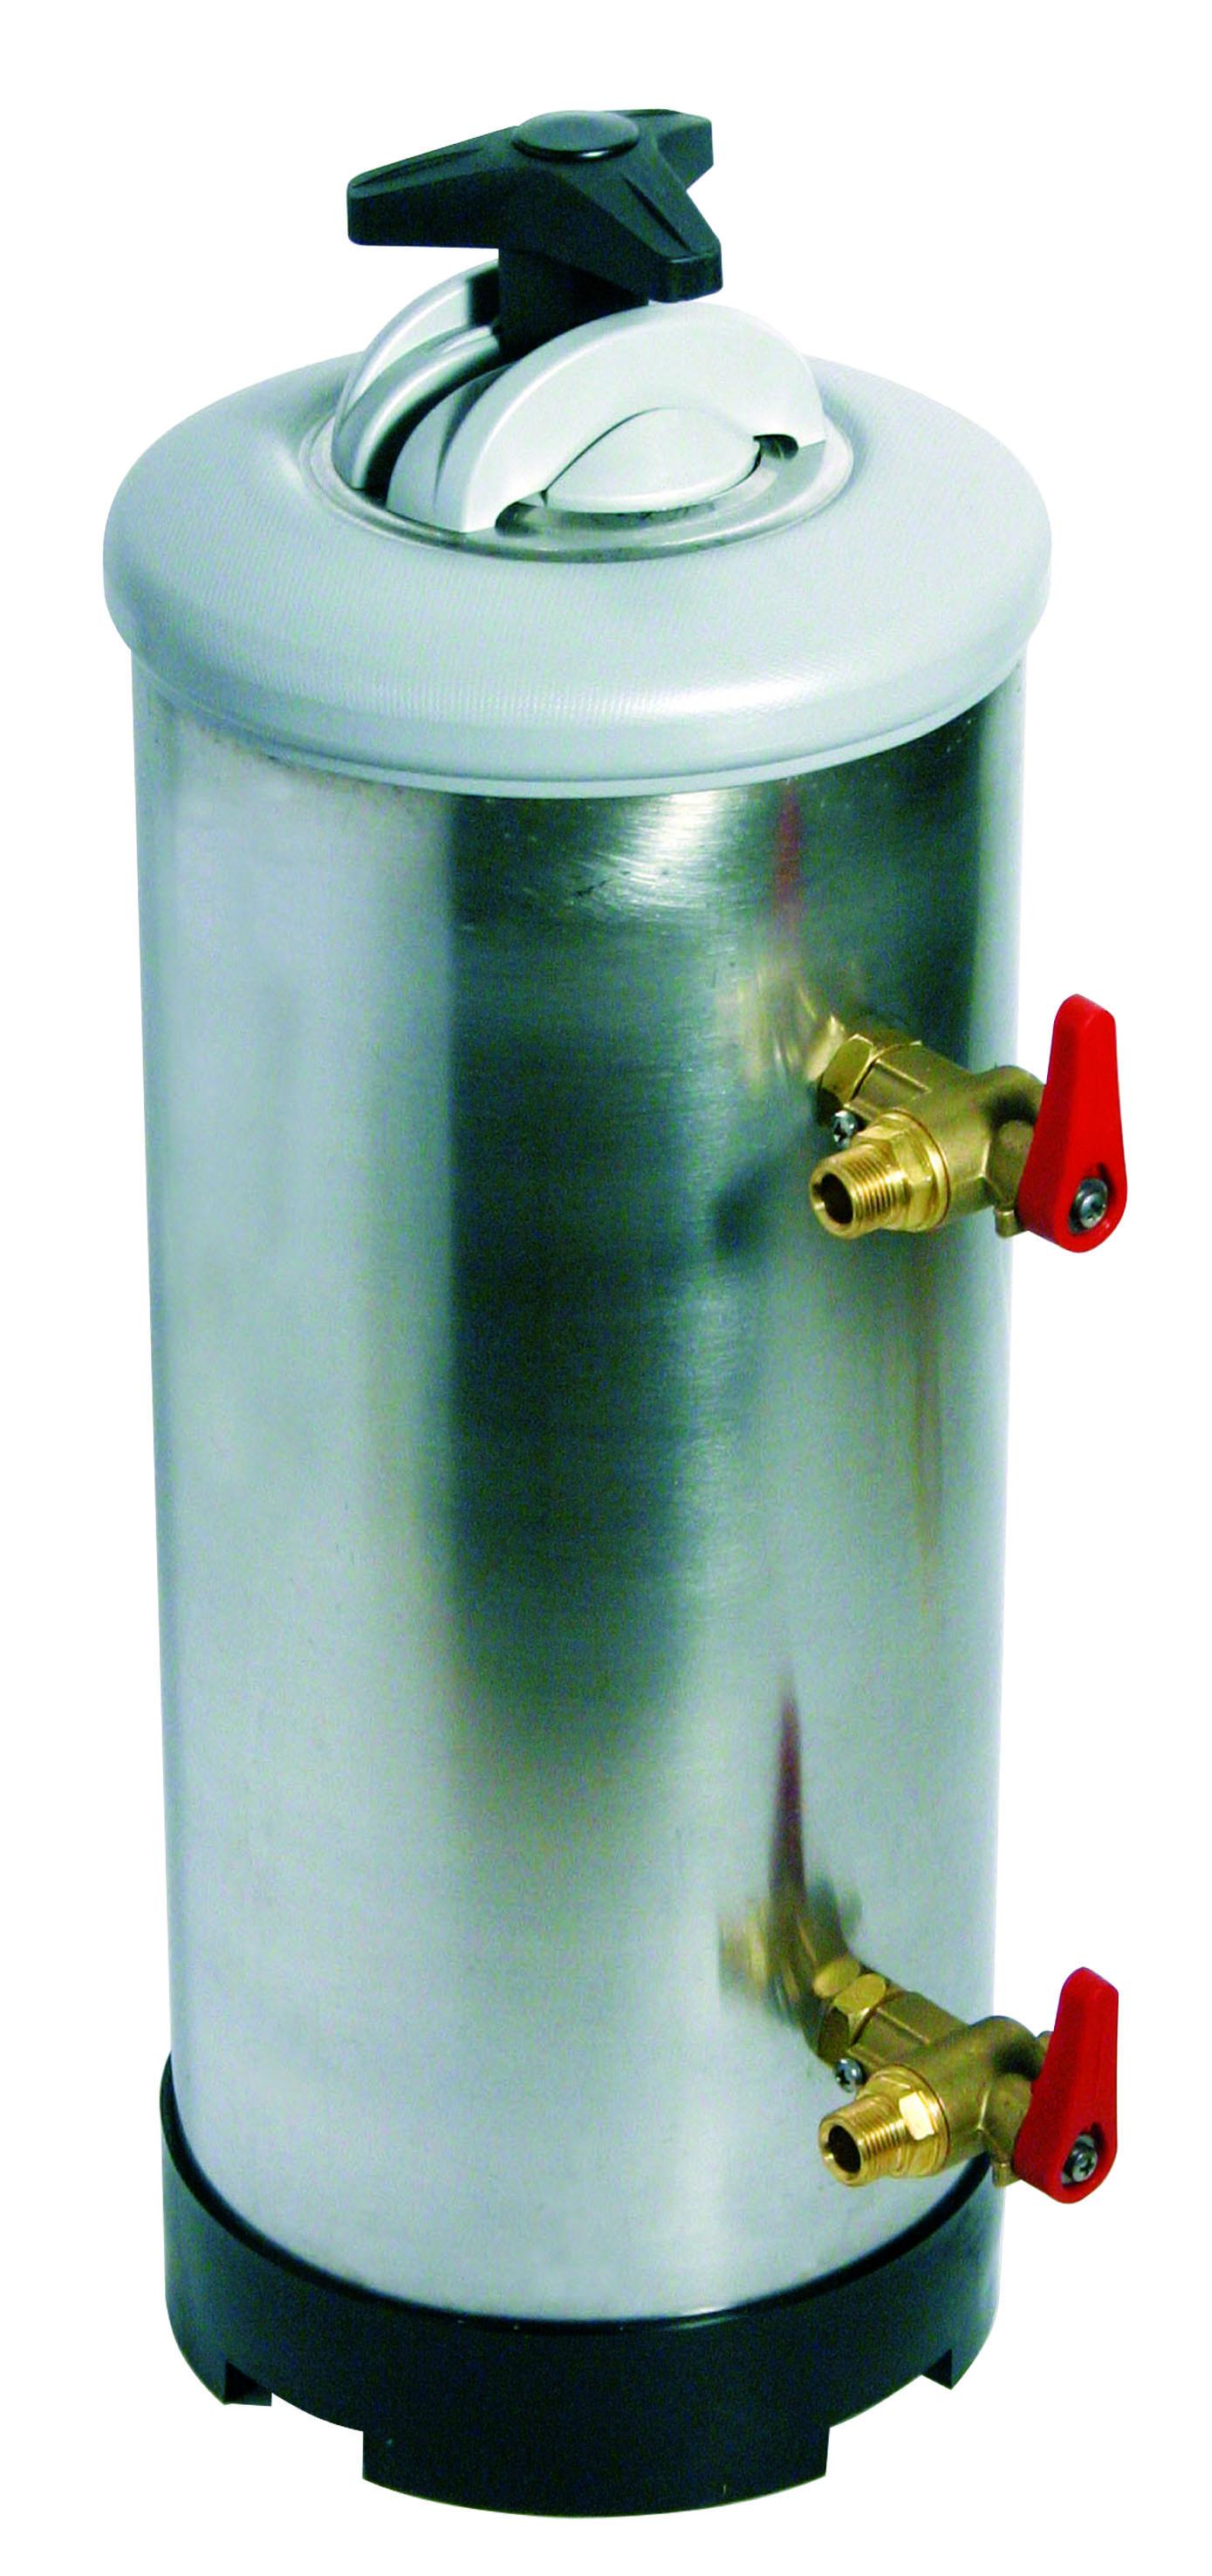 Změkčovač vody LT 16 REDFOX